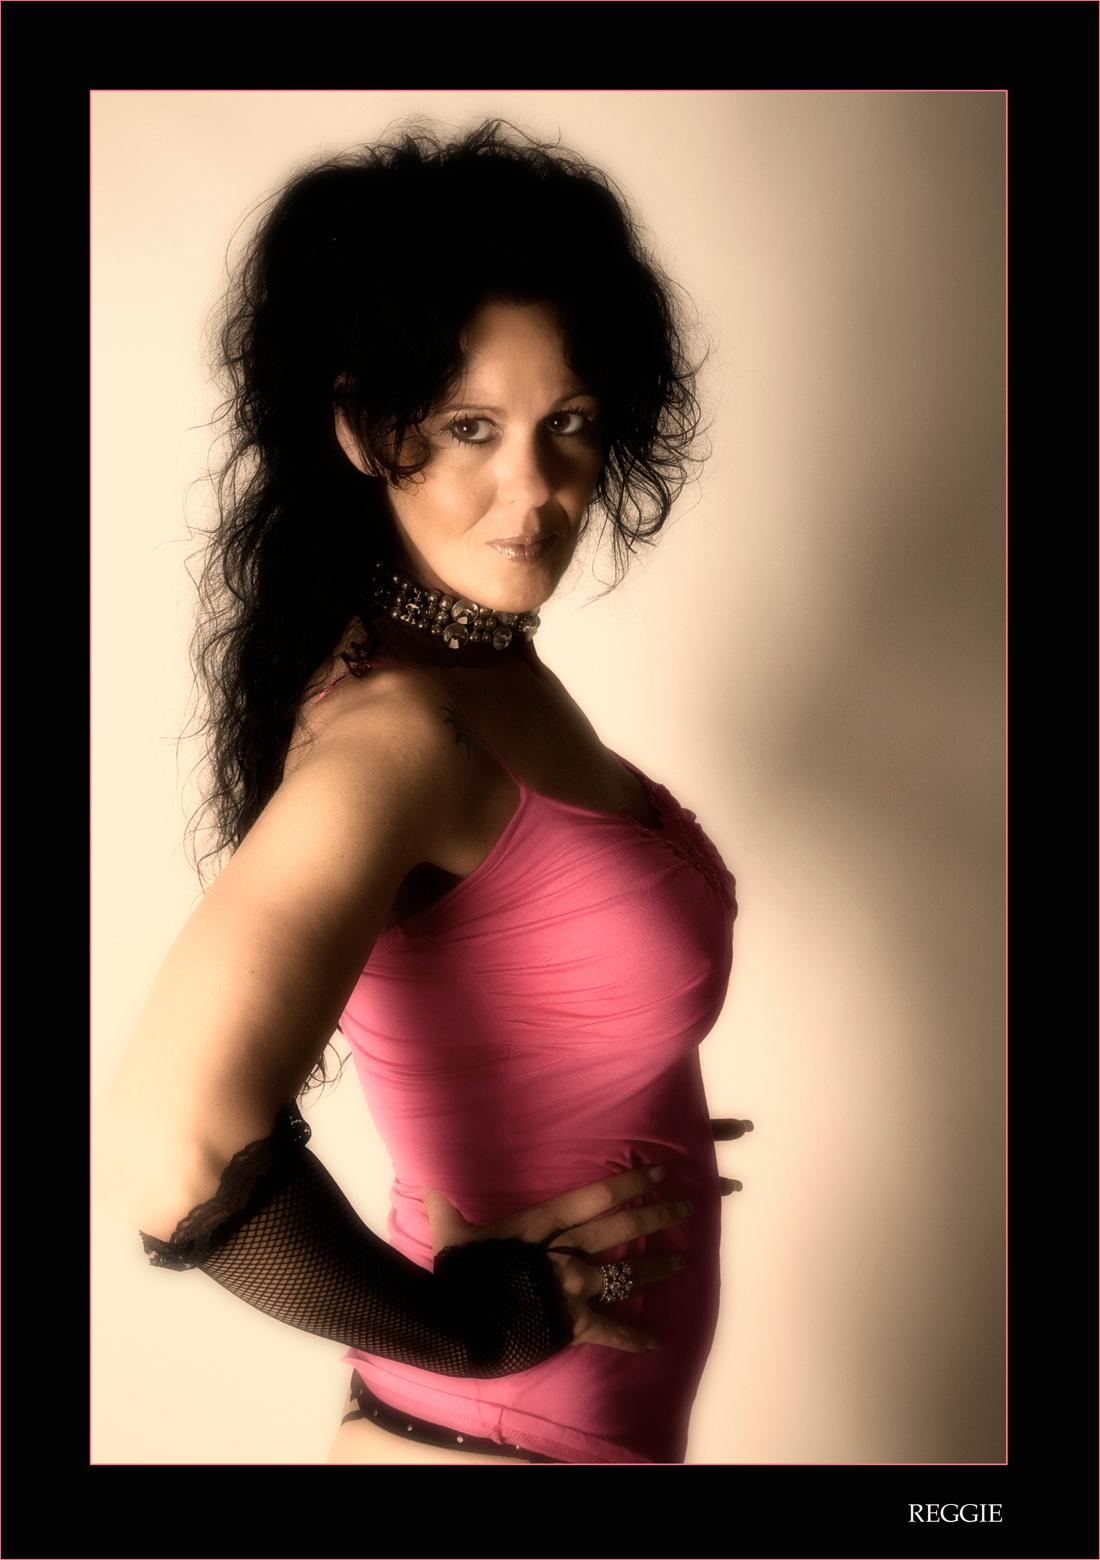 Reggie - opname van reggie,een goede kennis - foto door boldy_zoom op 29-06-2008 - deze foto bevat: donker, wind, model, erotiek, beauty, naakt, pose, erotisch, schoonheid, nagels, billen, lichaam, bloot, sexy, string, verleiding, rokje, topje